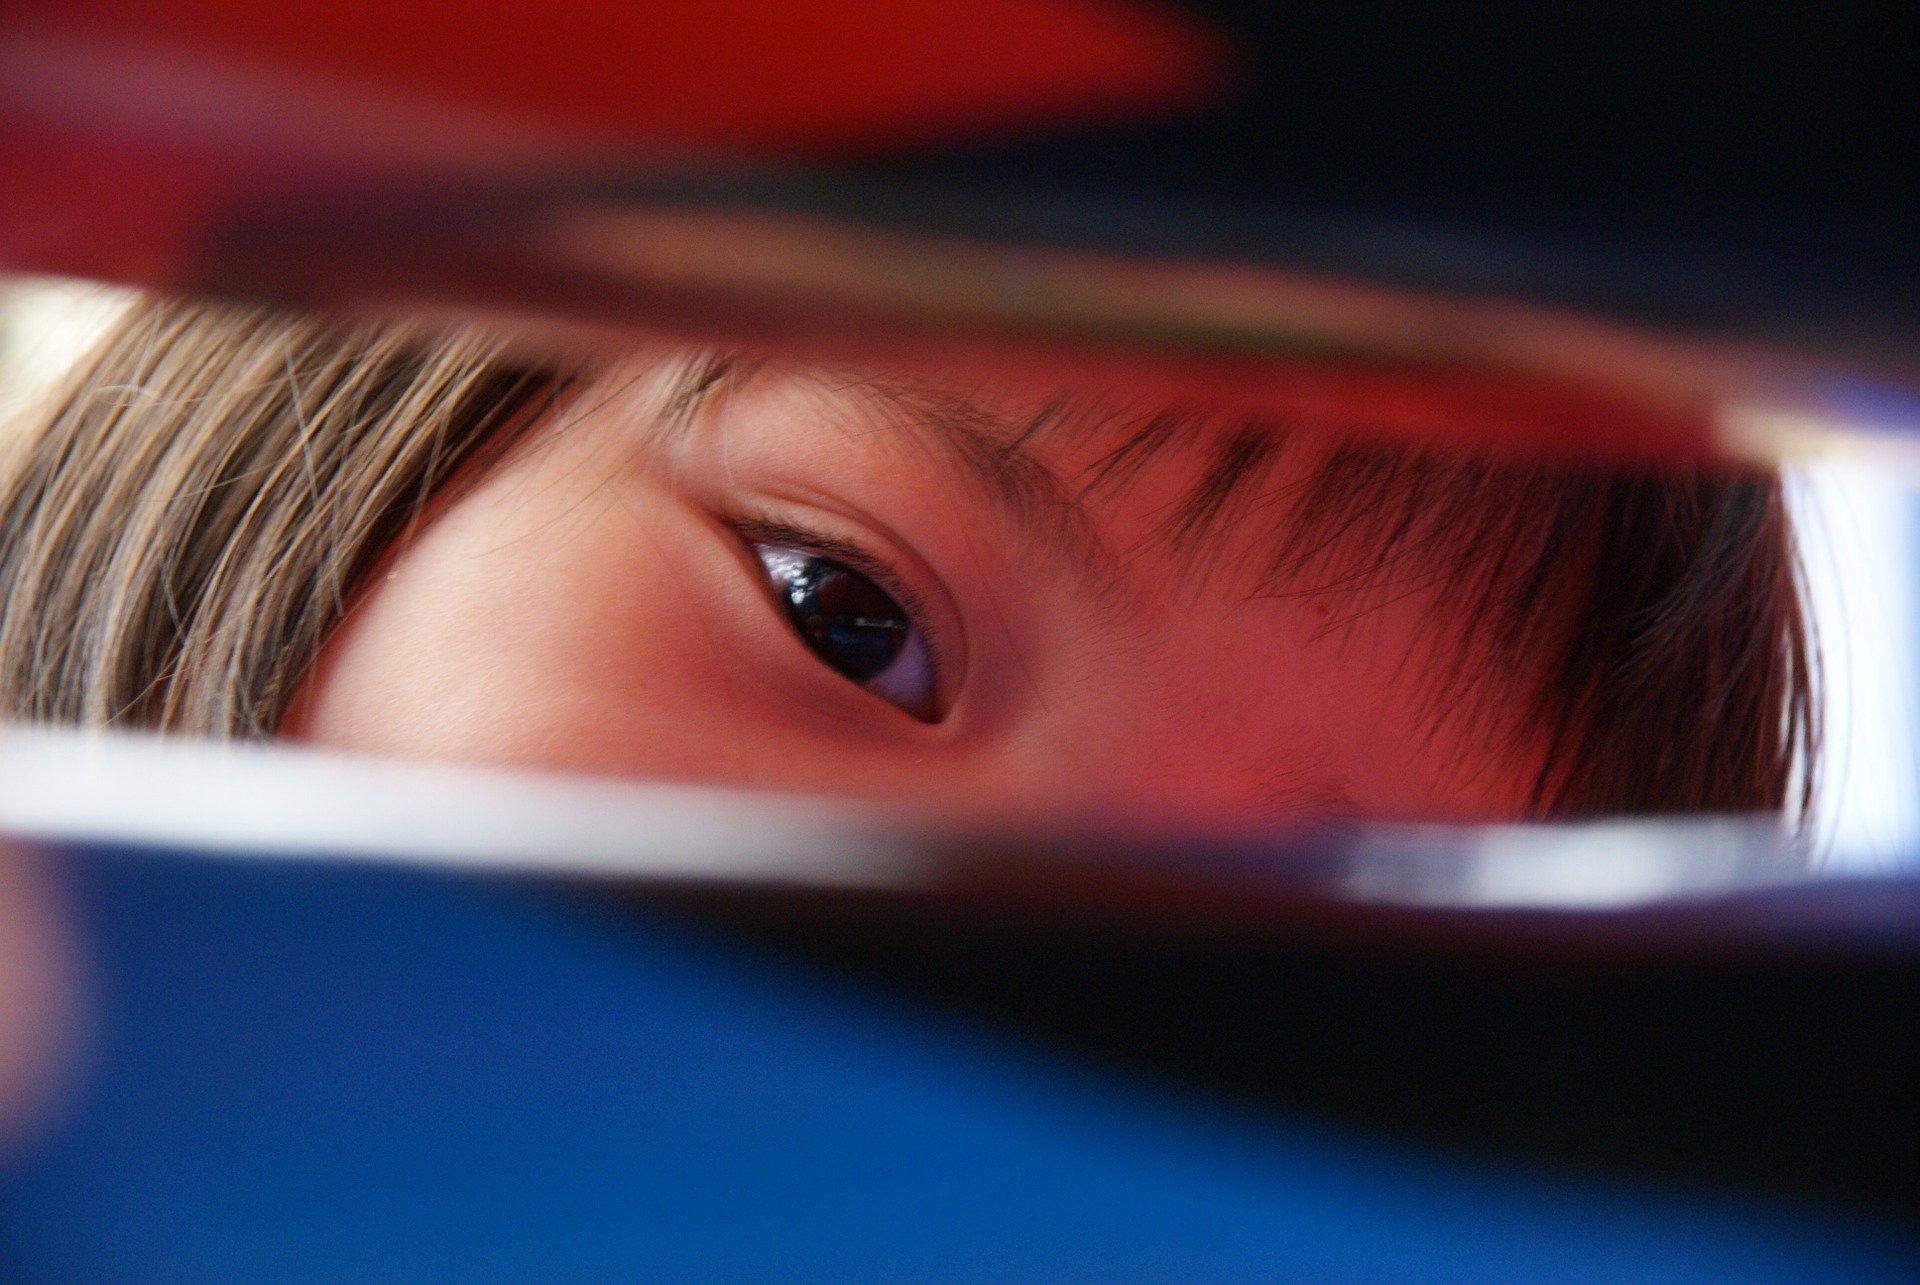 parte di viso di una bambina che si intravede da una fessura